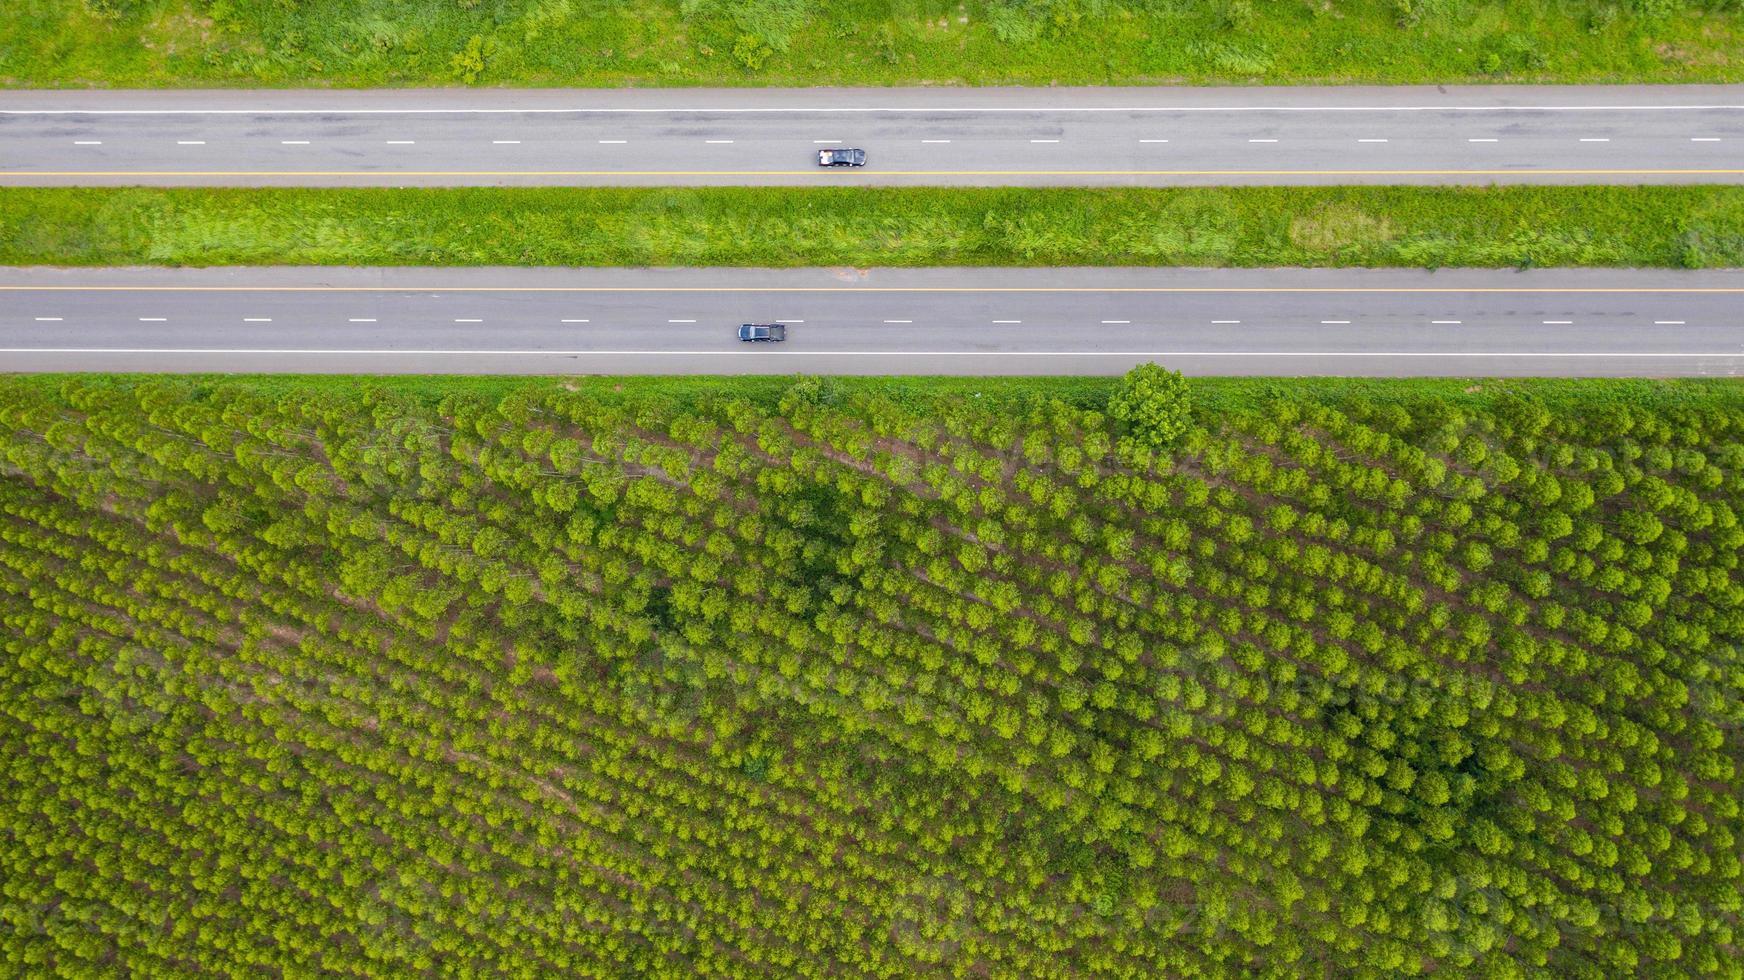 vista aérea de carros nas estradas foto